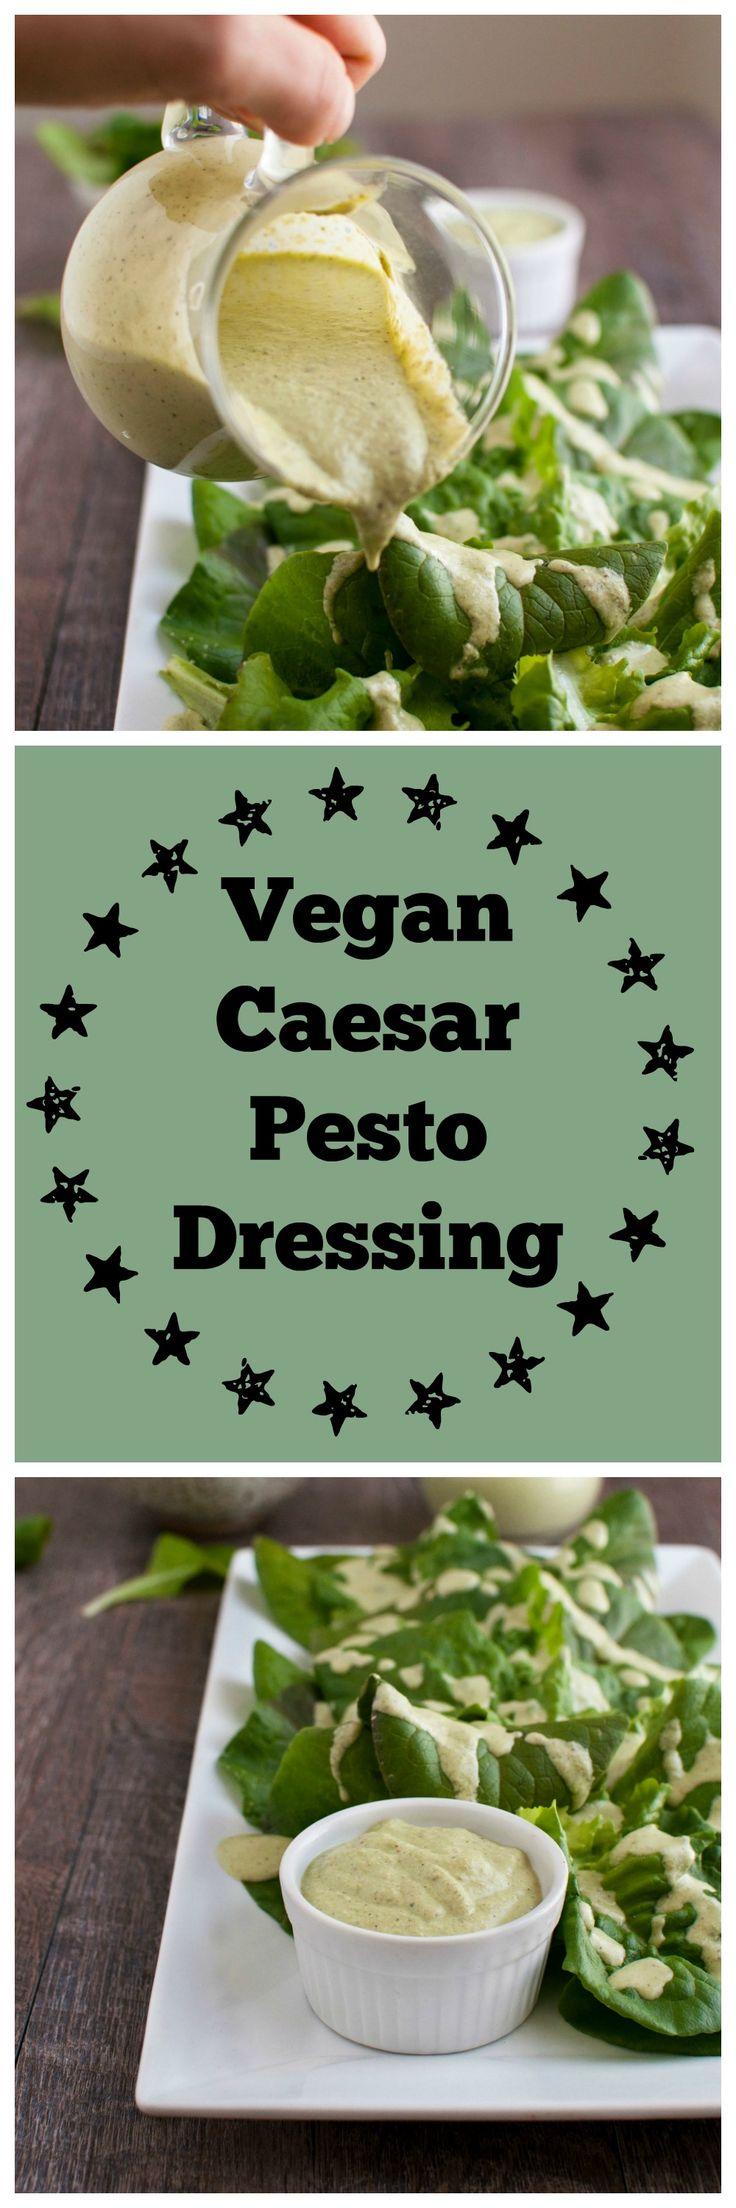 vegan caesar pesto dressing made with clean ingredients #vegan #dairyfree #realfood